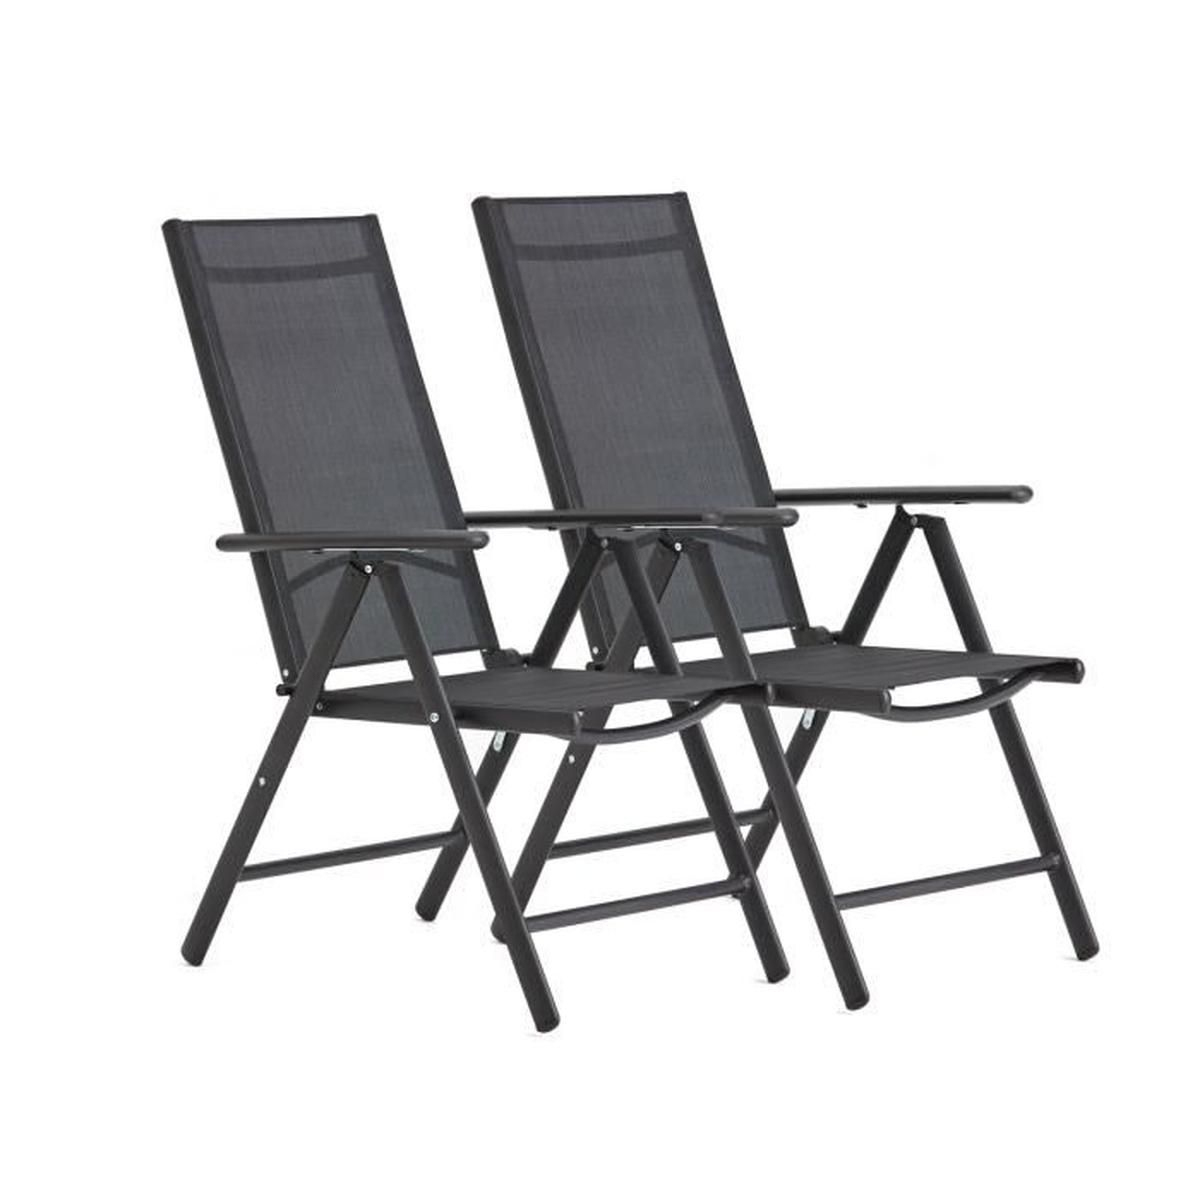 Chaise Pliantes Avec Accoudoir De Jardin intérieur Table De Jardin Geant Casino